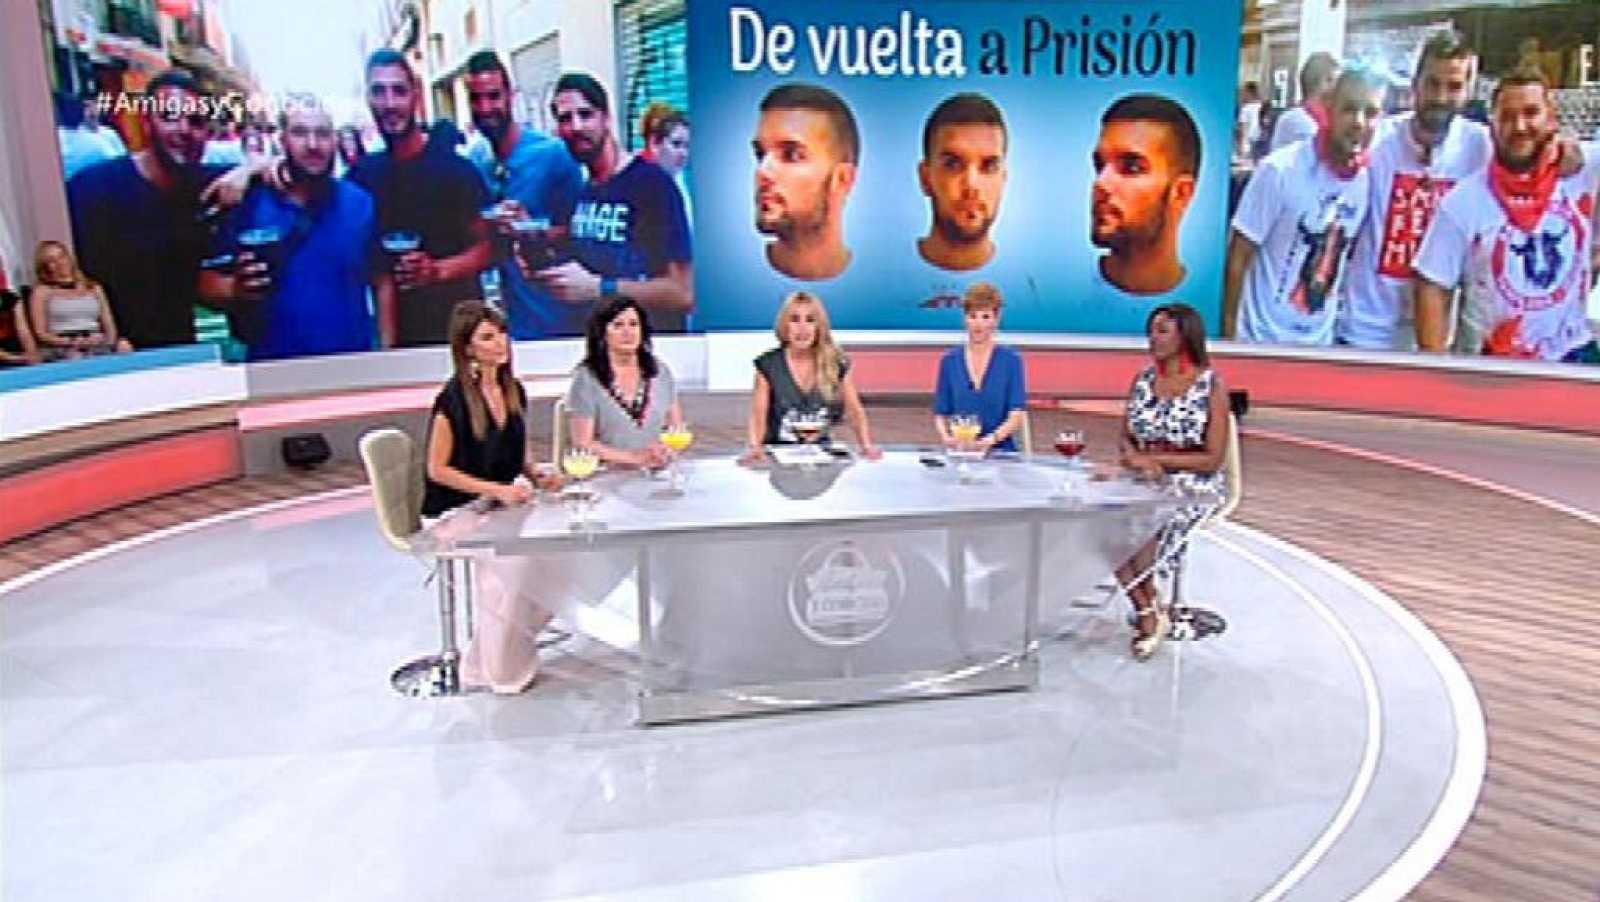 Amigas y conocidas - 03/08/18 - ver ahora